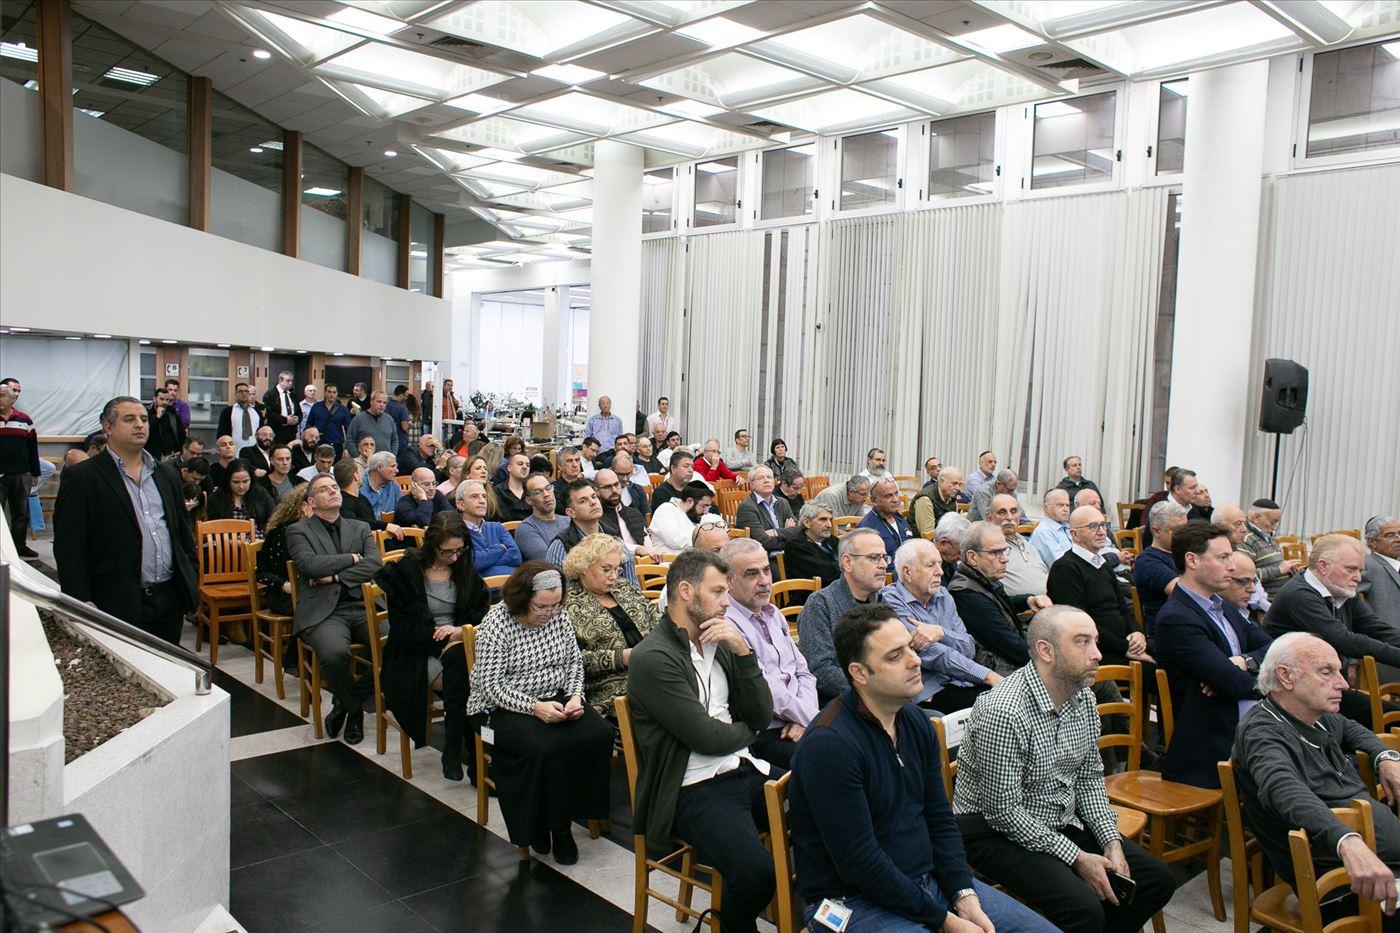 גלרייה - האסיפה הכללית ה-70 תמונה 231 מתוך 239